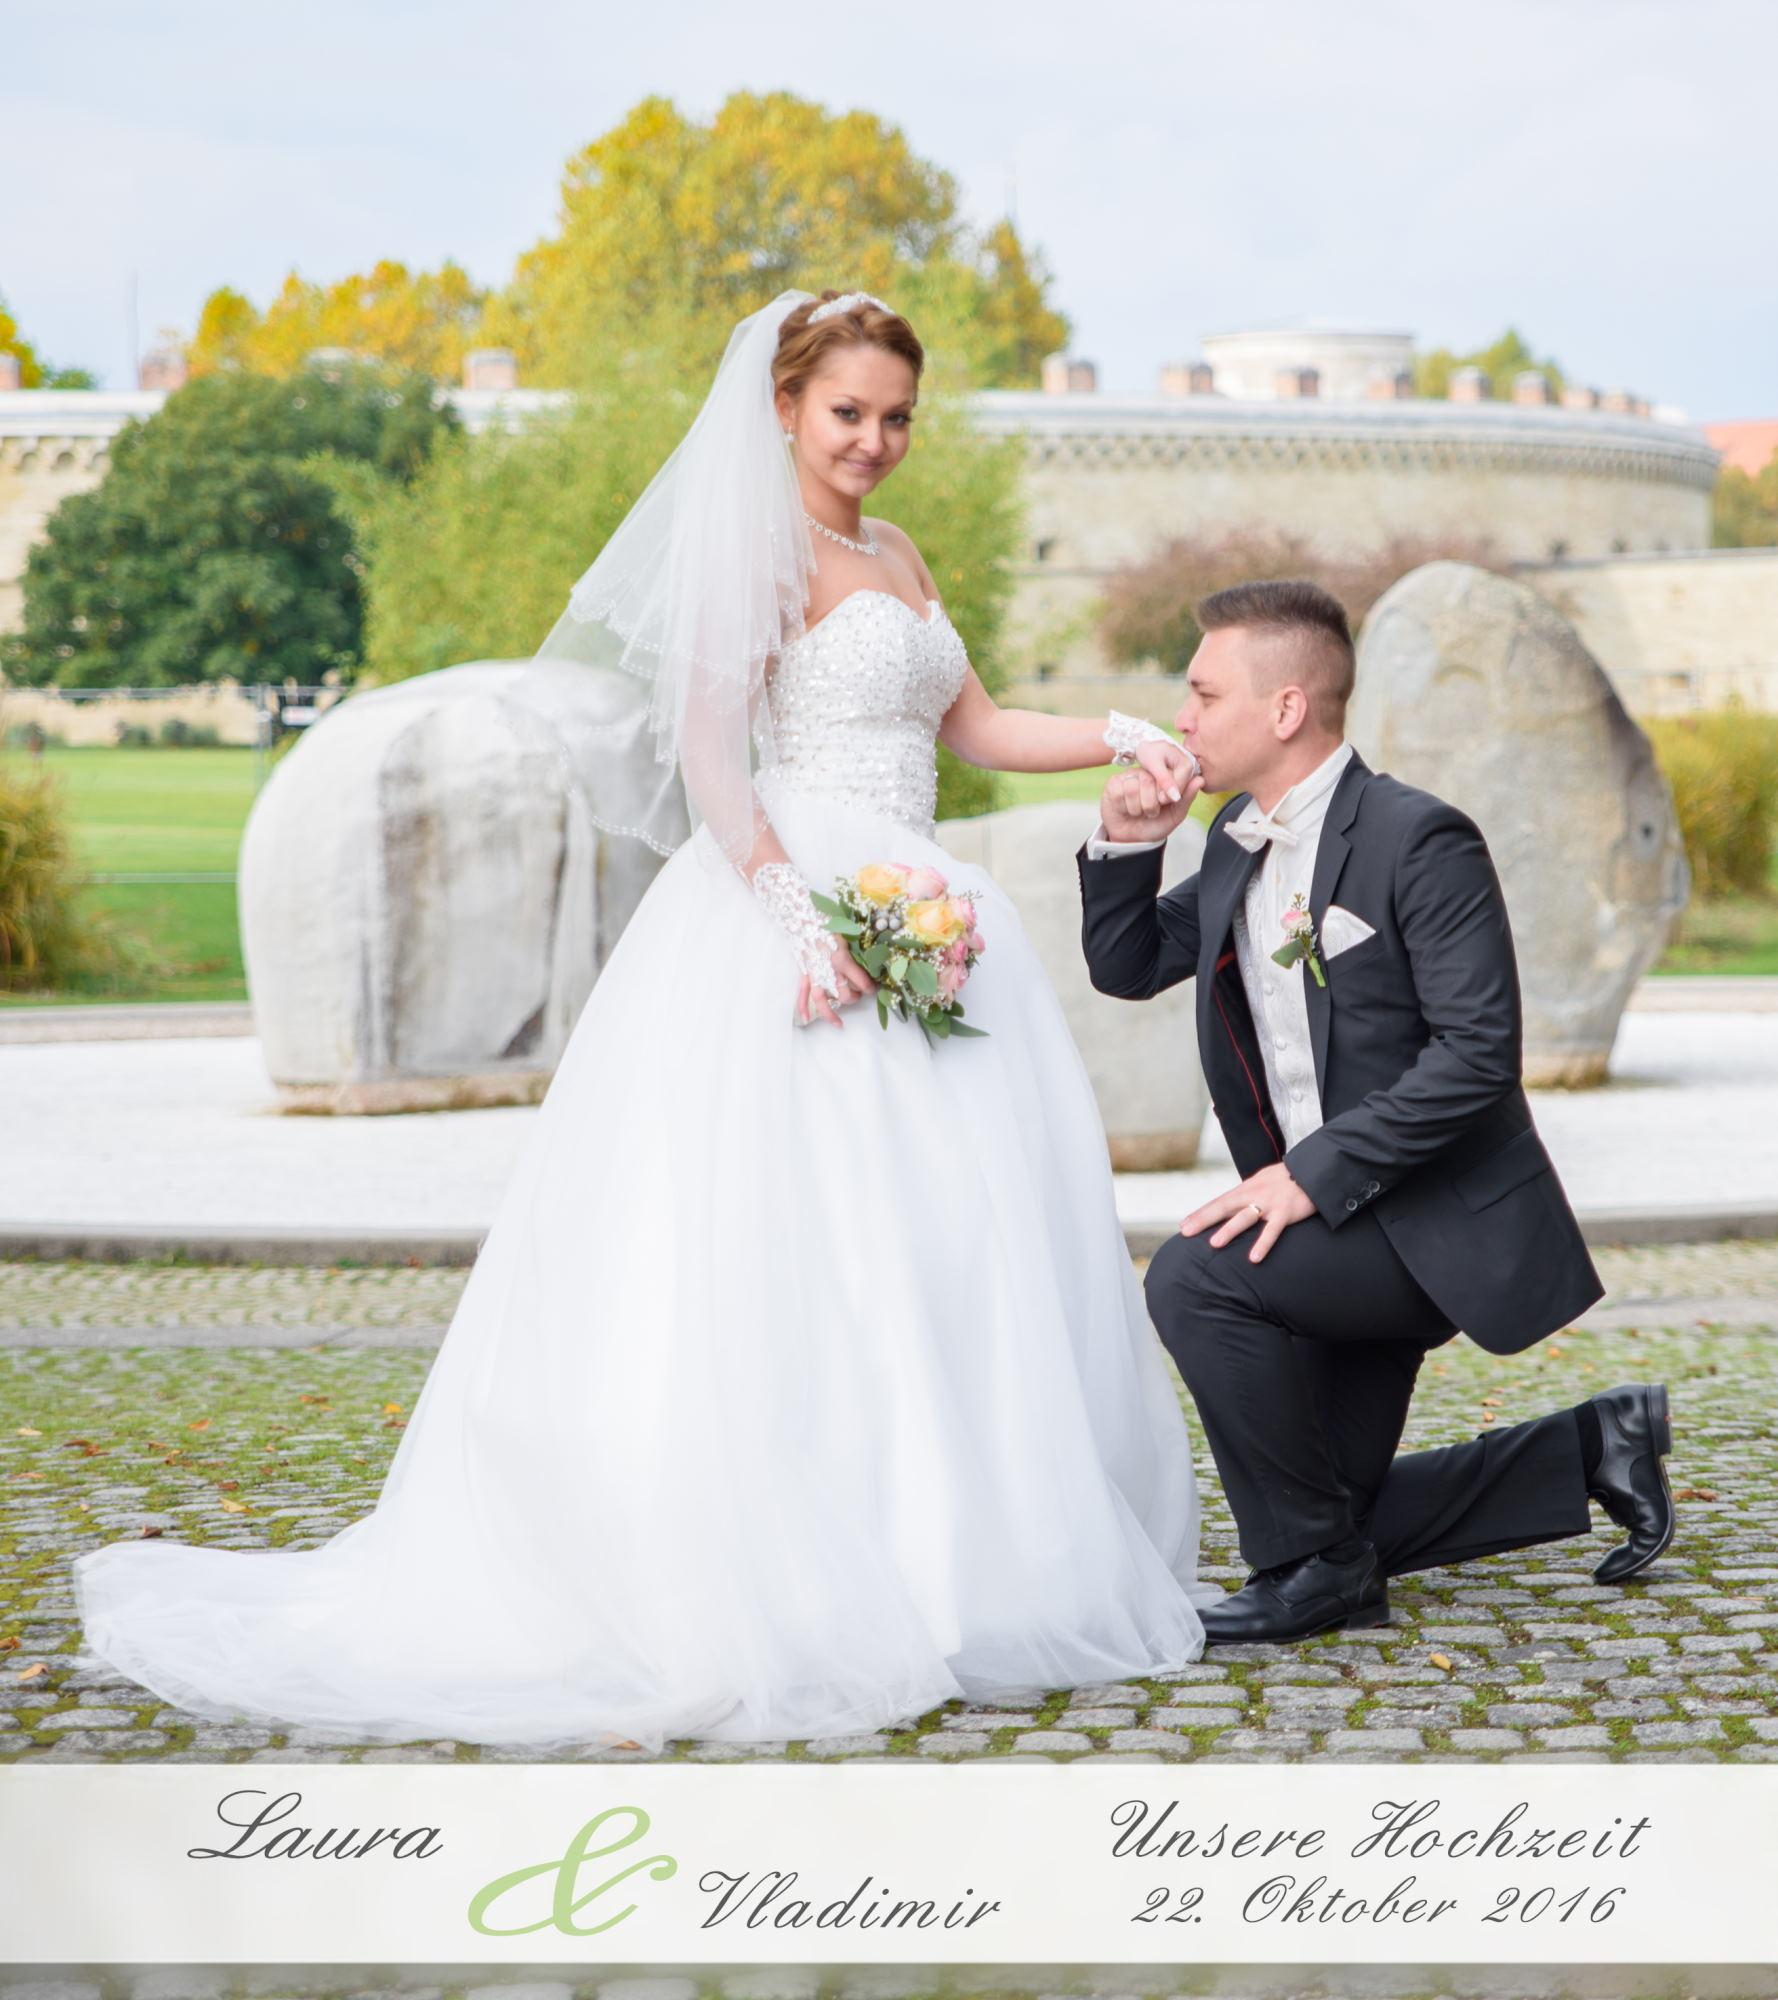 Hochzeitsfotobuch von Laura & Vladimir aus Ingolstadt